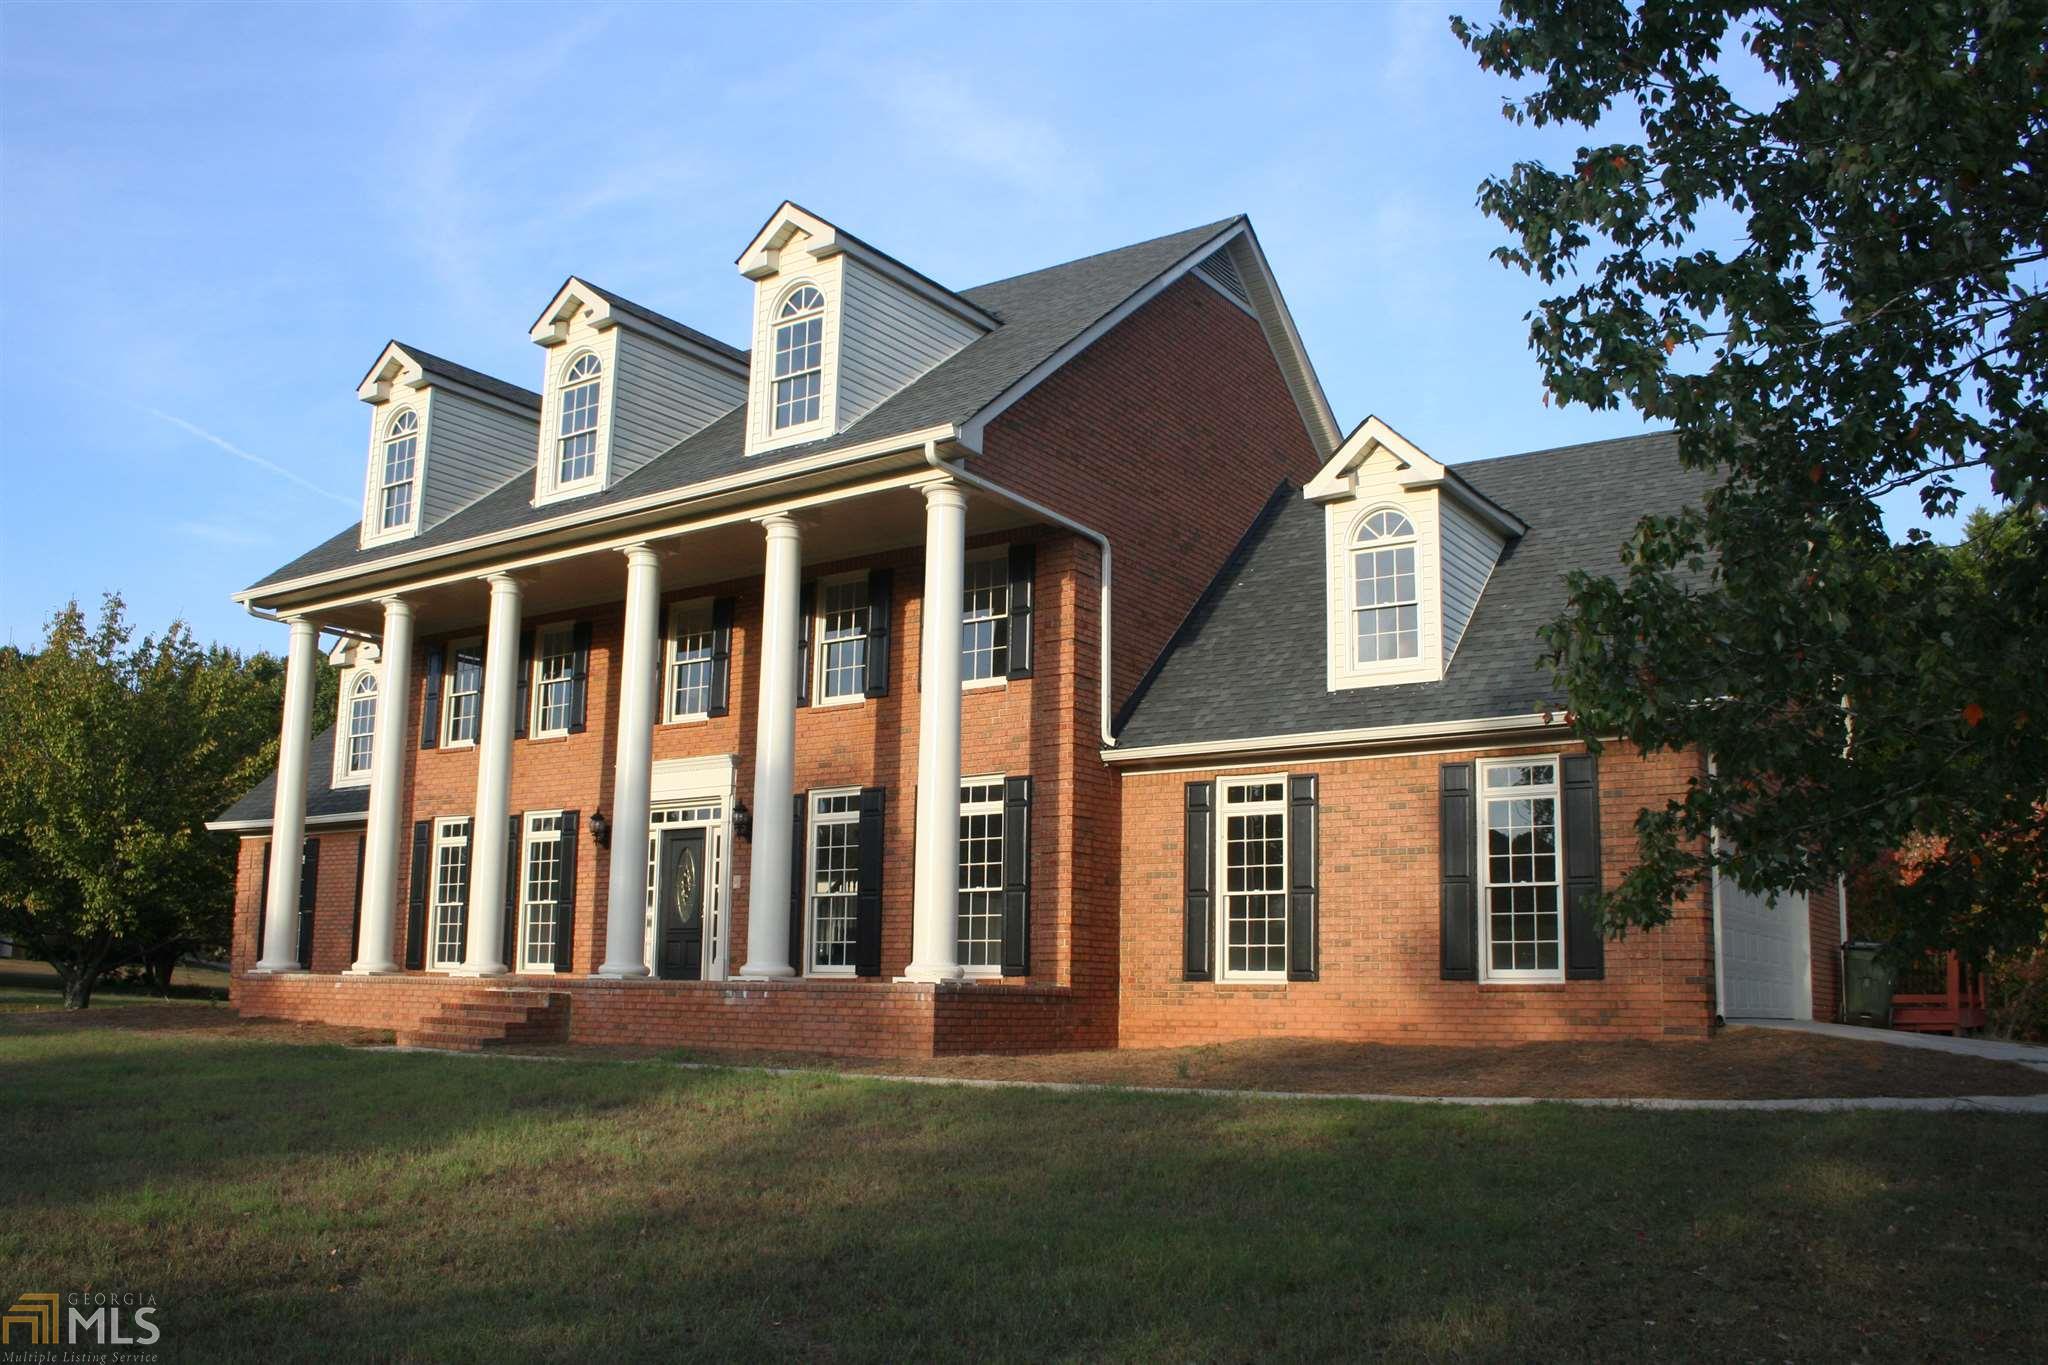 100 S Raymond Court #1&2, Fayetteville, GA 30214